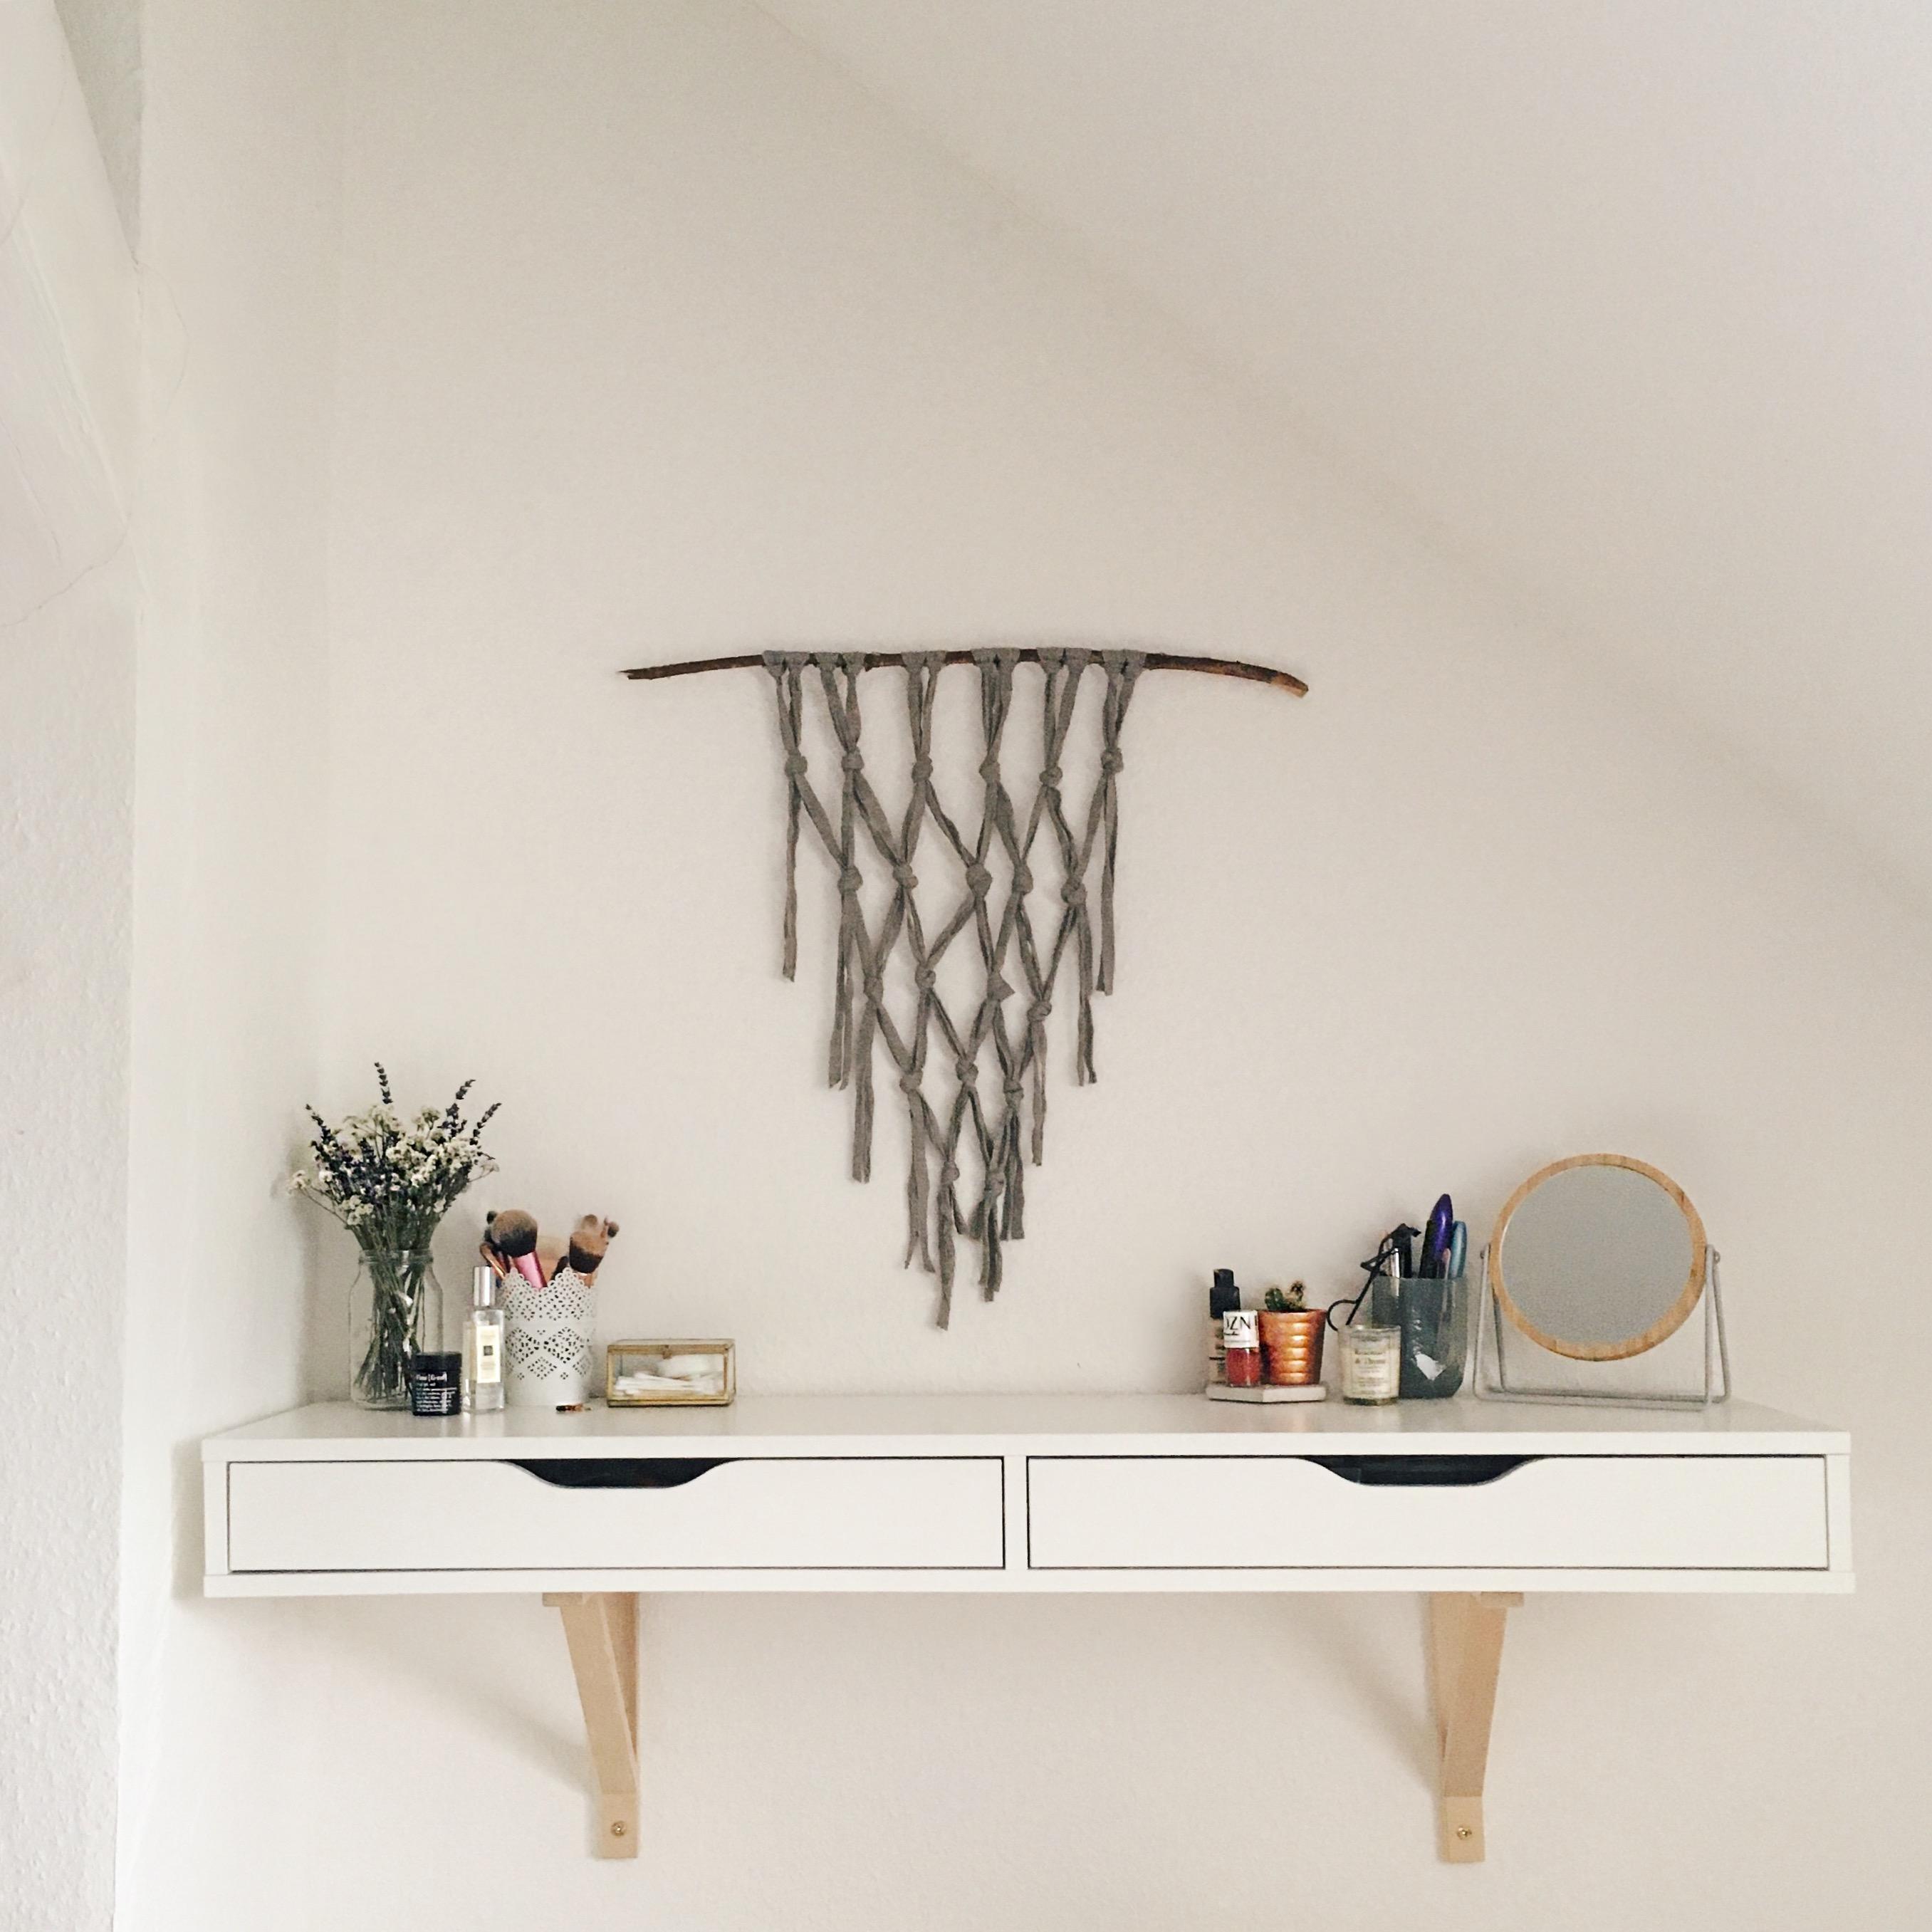 Schlafzimmer Deko So Machst Du Es Dir Gemütlich: Ikea-Hacks: So Machst Du Deine Möbel Zu Einzelstücken